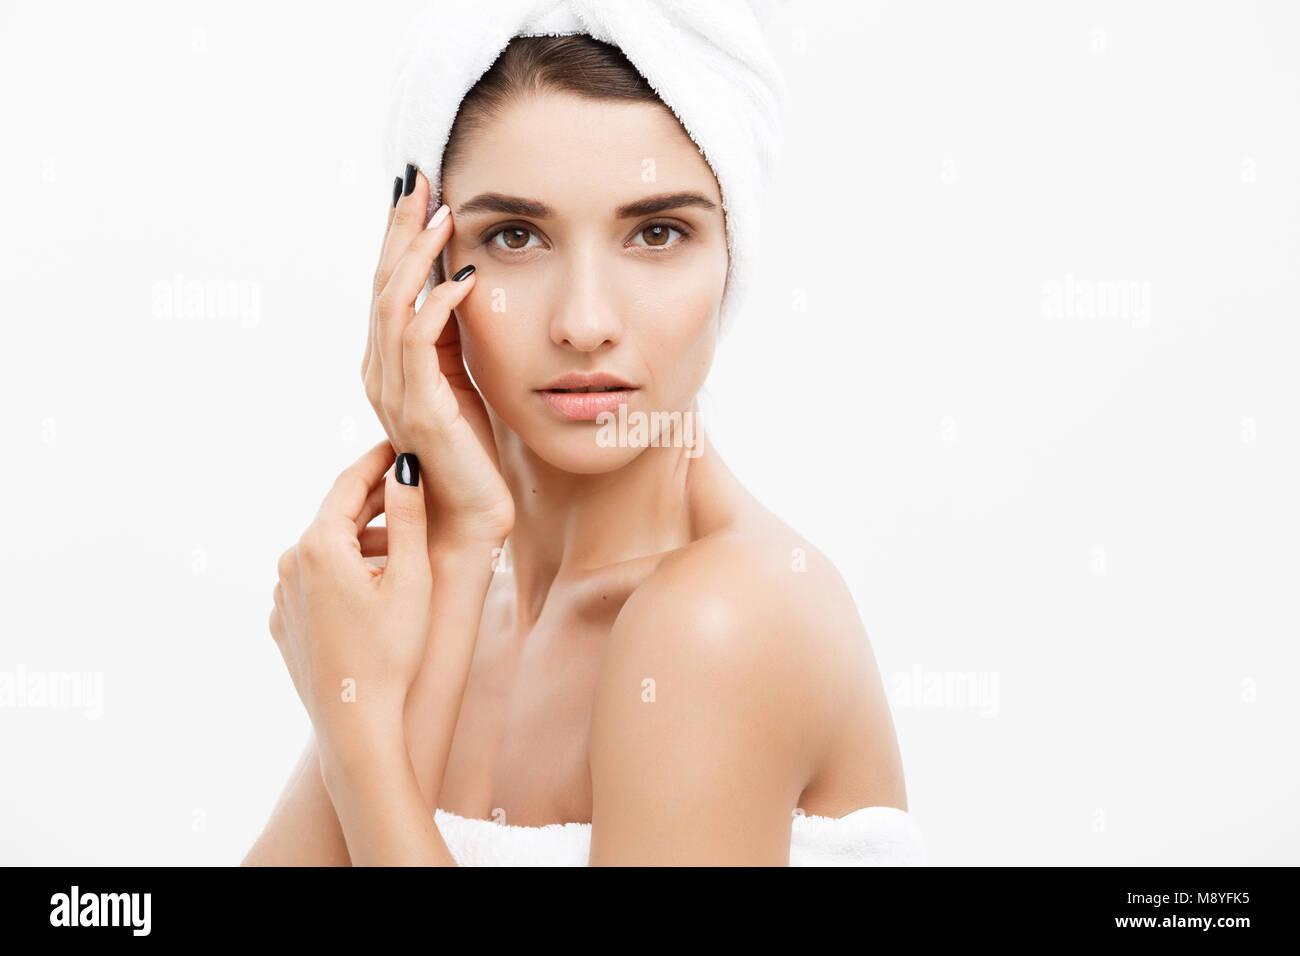 La bellezza e la cura della pelle - concetto vicino la bellissima giovane donna di toccare la sua pelle Immagini Stock